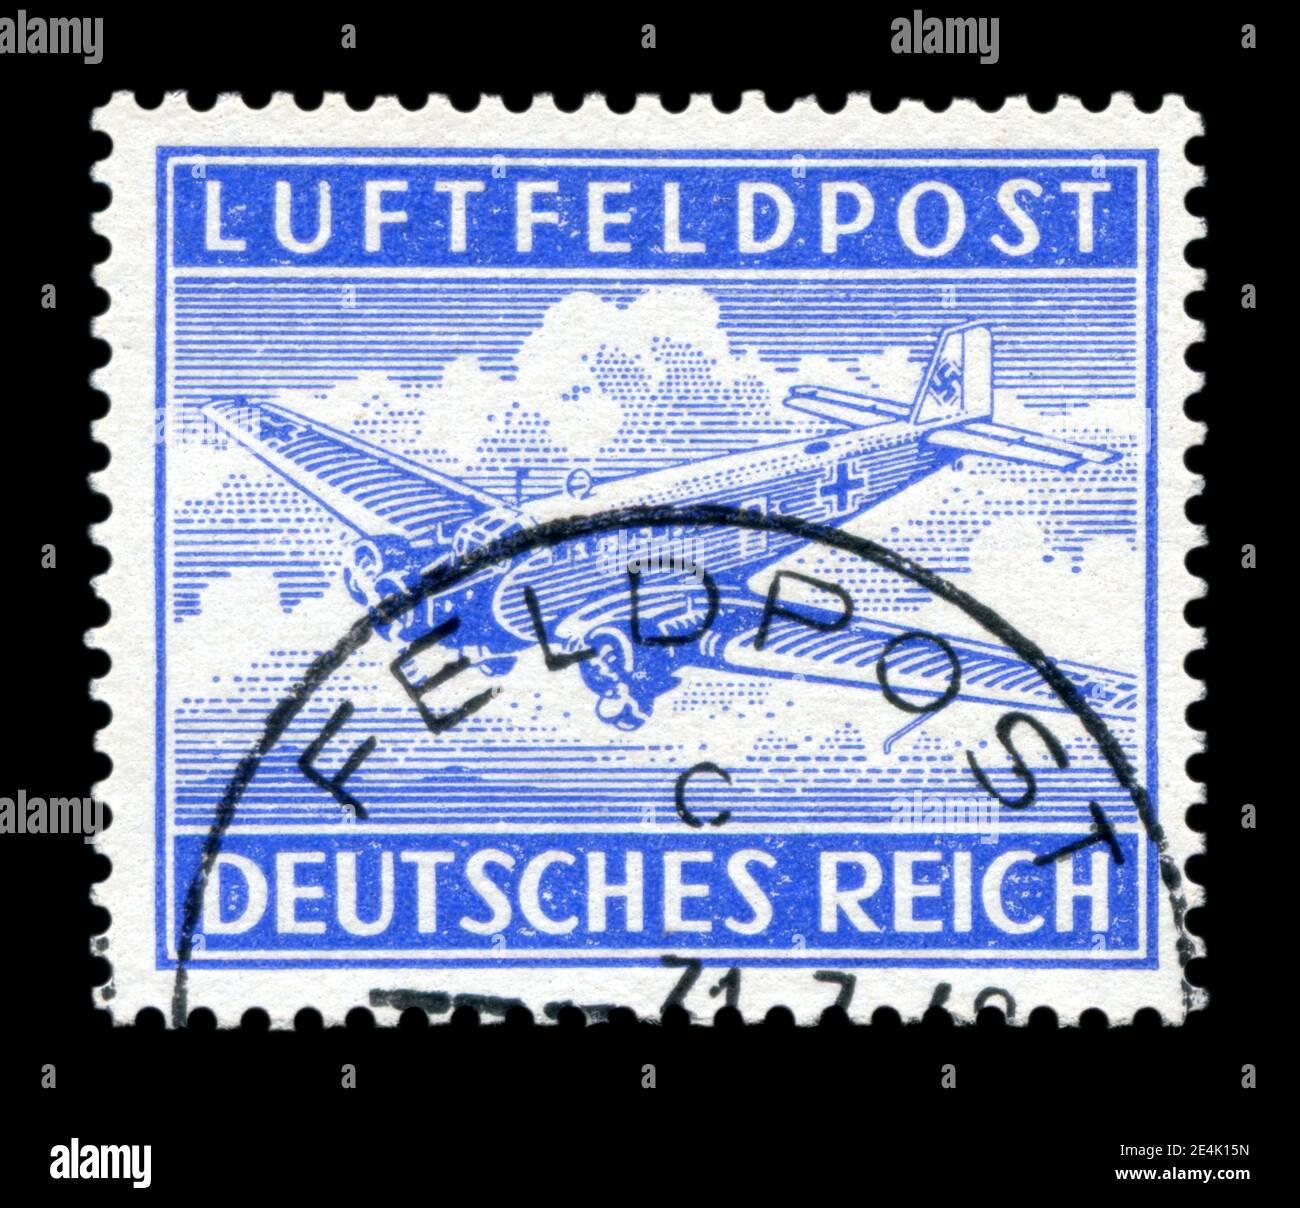 ALEMANIA - ALREDEDOR de 1942: Sello postal histórico alemán: Ju 52 avión de transporte con swastika, correo aéreo, matasellos, guerra mundial II, 1939-1945 Foto de stock